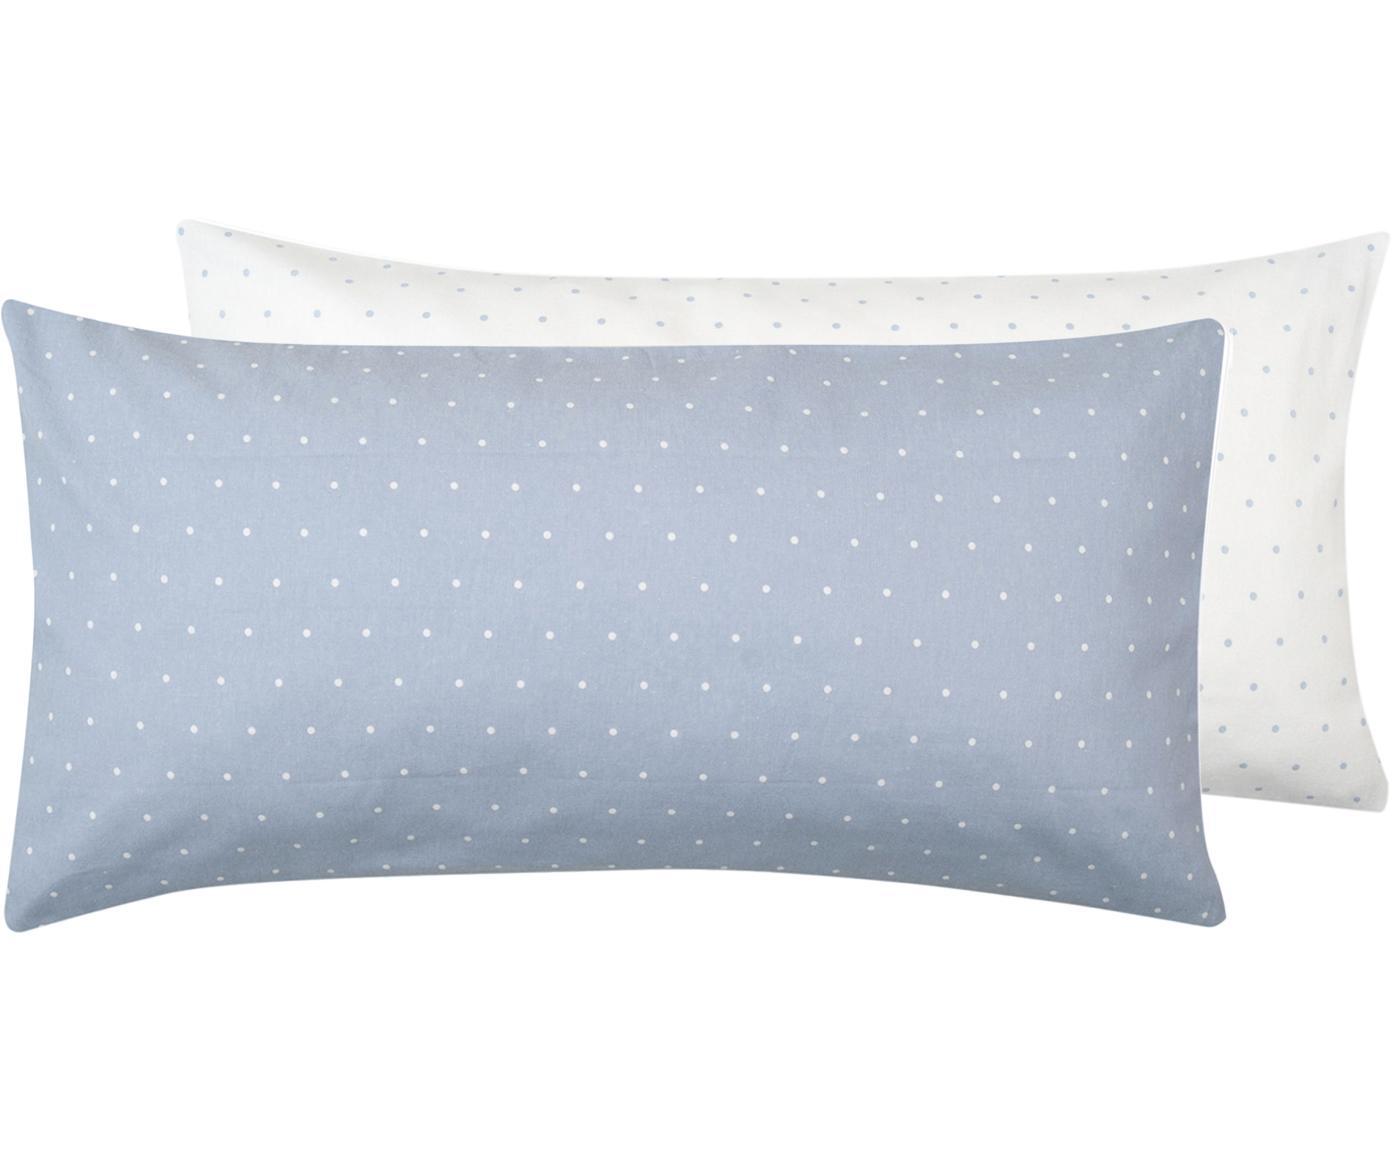 Flanell-Wendekissenbezüge Betty, gepunktet, 2 Stück, Webart: Flanell Fadendichte 144 T, Hellblau, Weiß, 40 x 80 cm